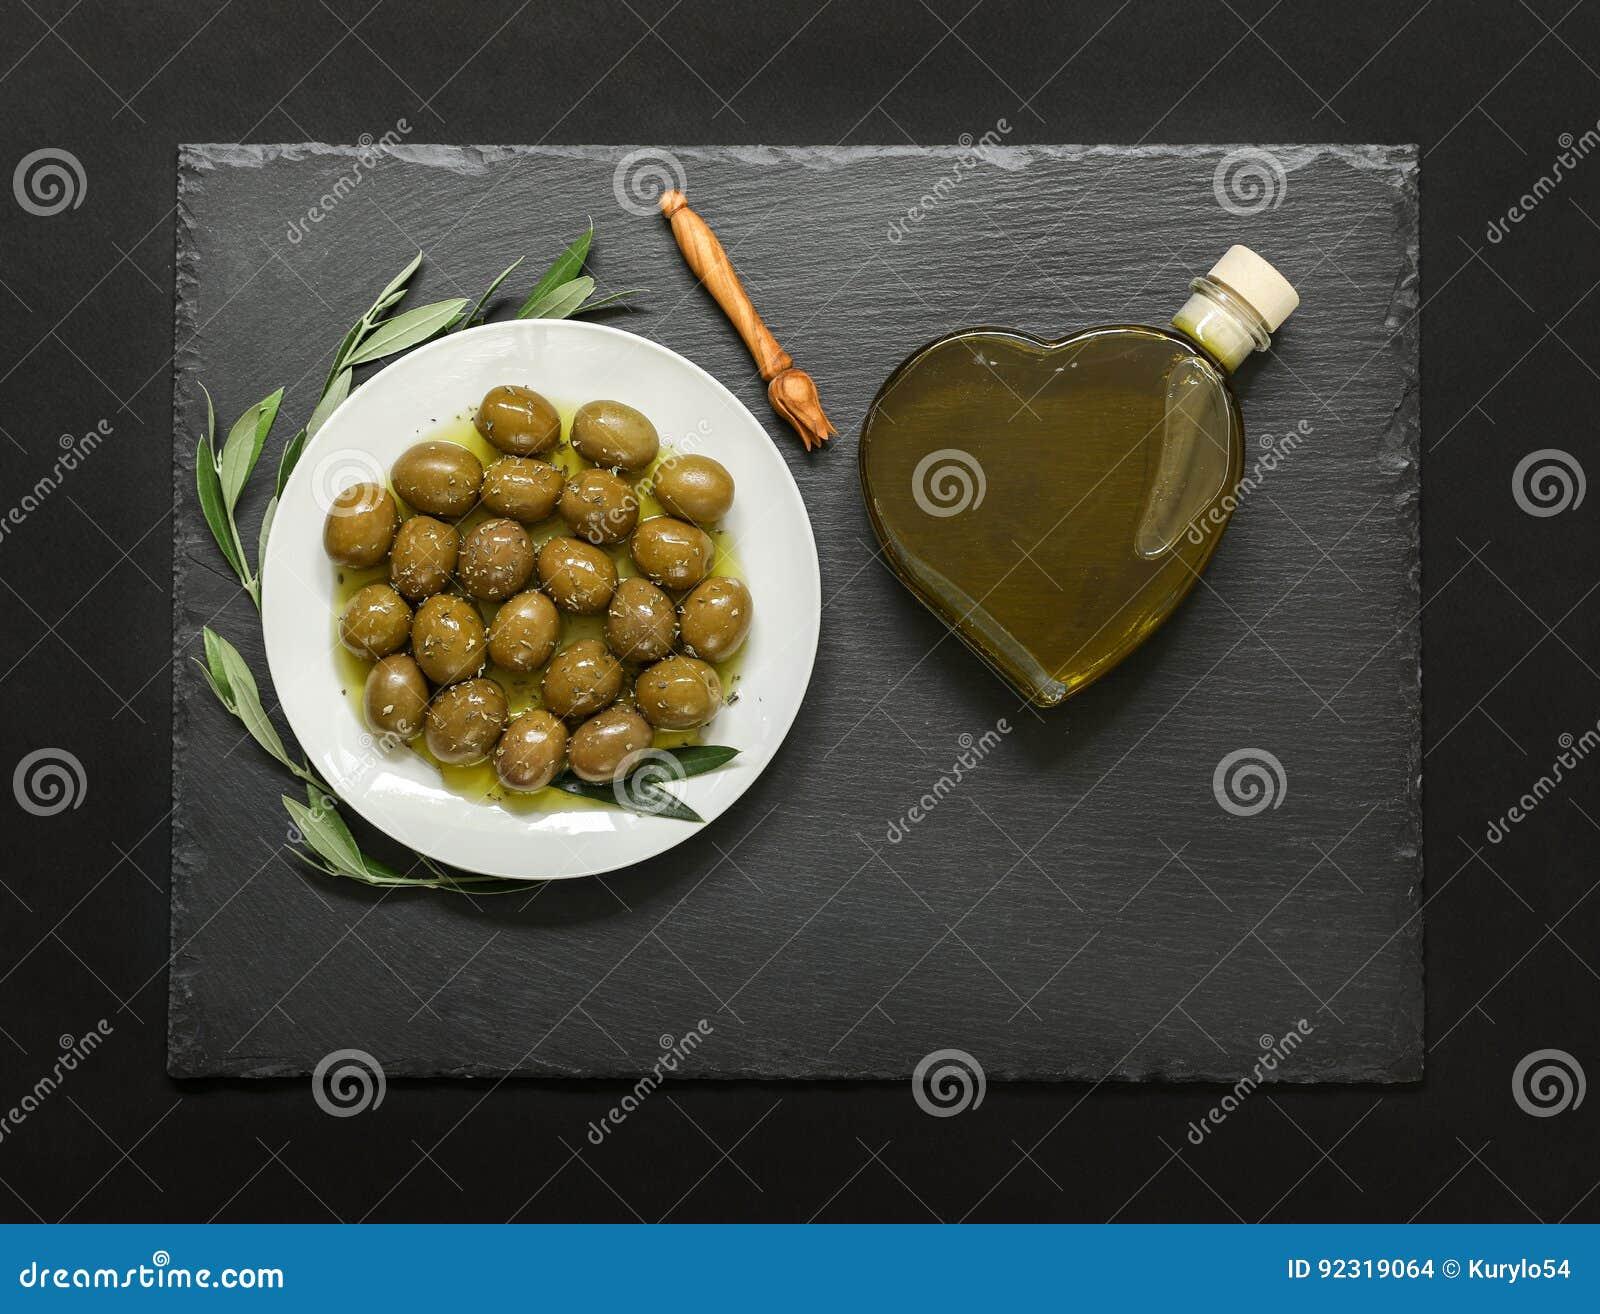 Οι επιλεγμένες ελιές σε ένα άσπρο πιάτο που διακοσμείται με τη φυσική ελιά διακλαδίζονται και το μπουκάλι καρδιών ελαιολάδου